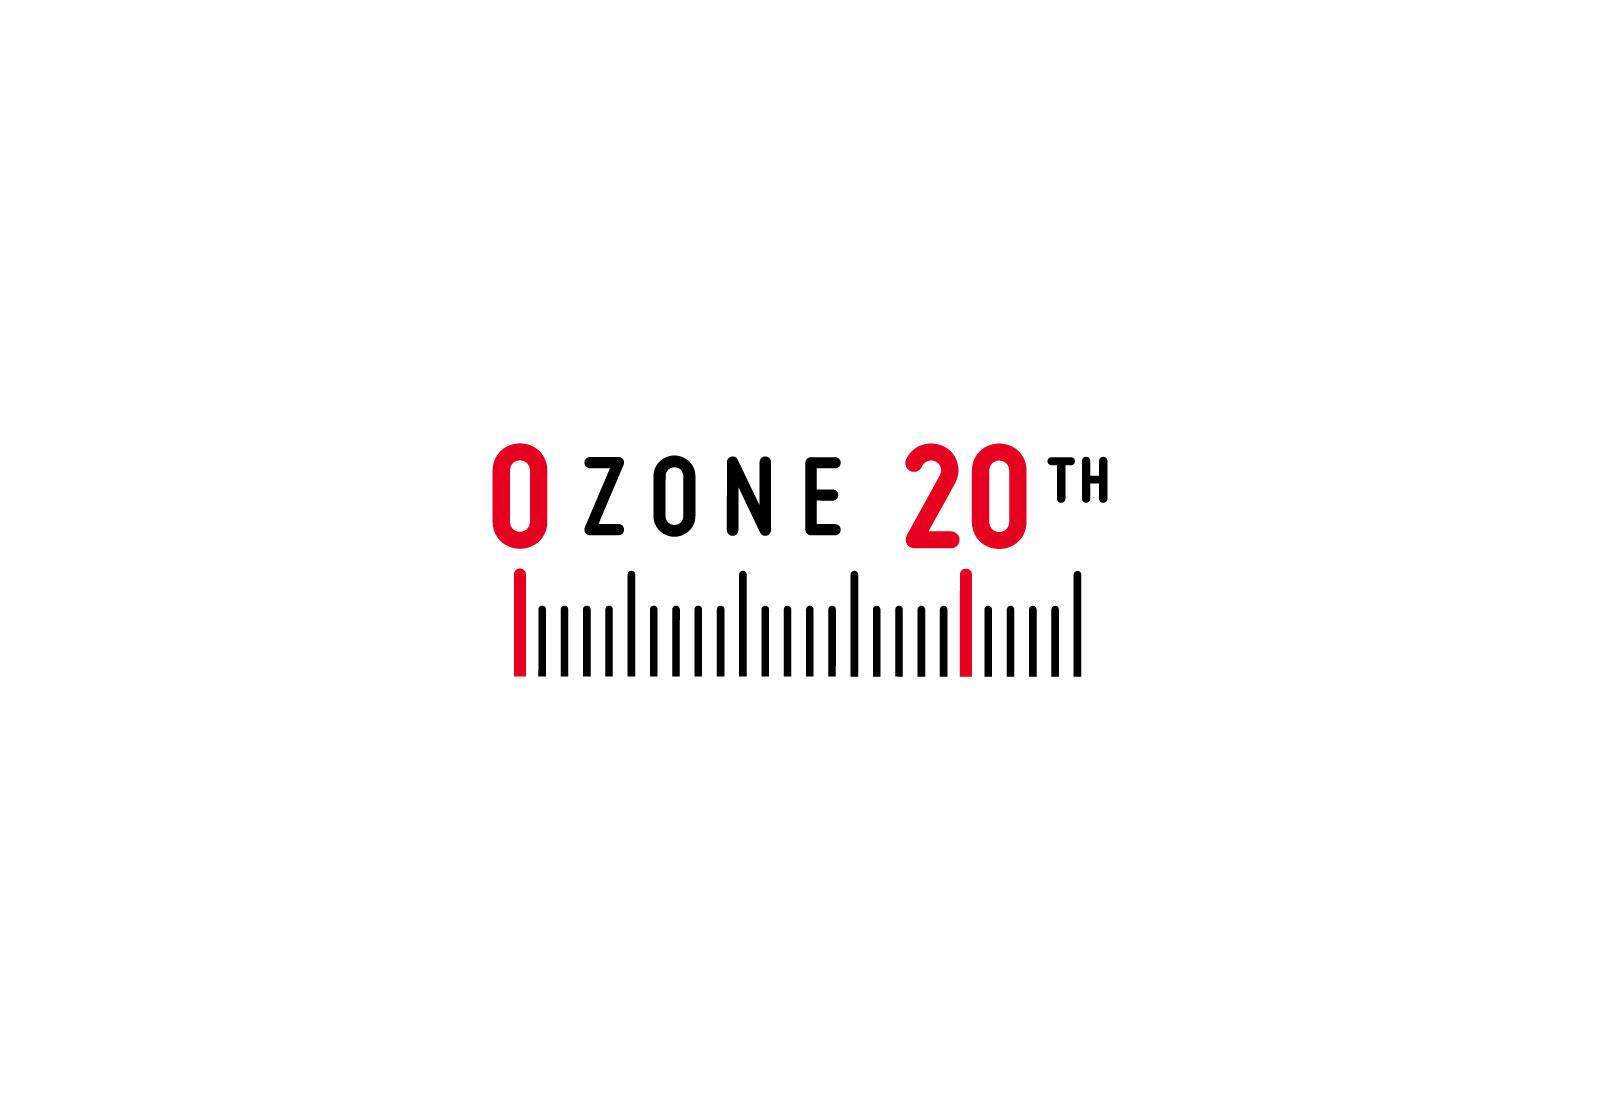 OZONE 20TH